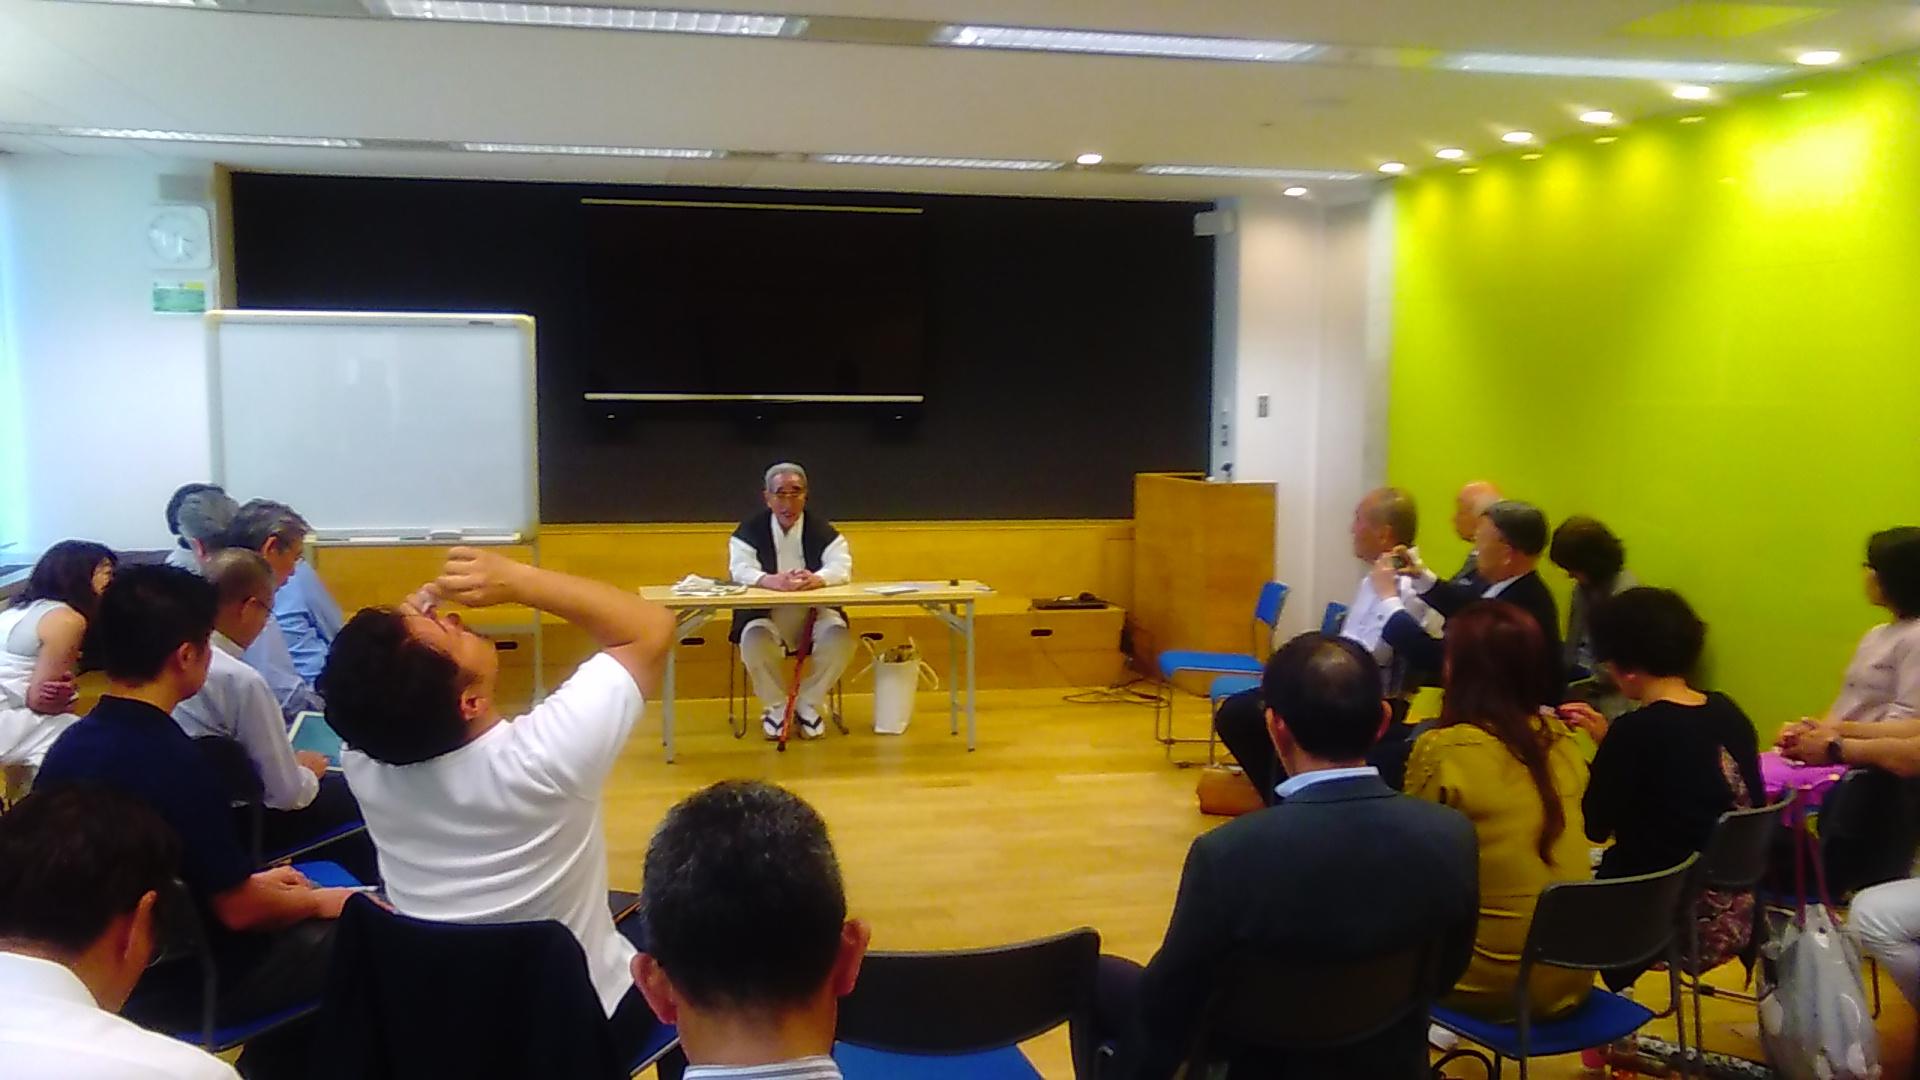 KIMG1396 - 第5回東京思風塾「使命を見つけ出すための6つの問いとは」をテーマに開催